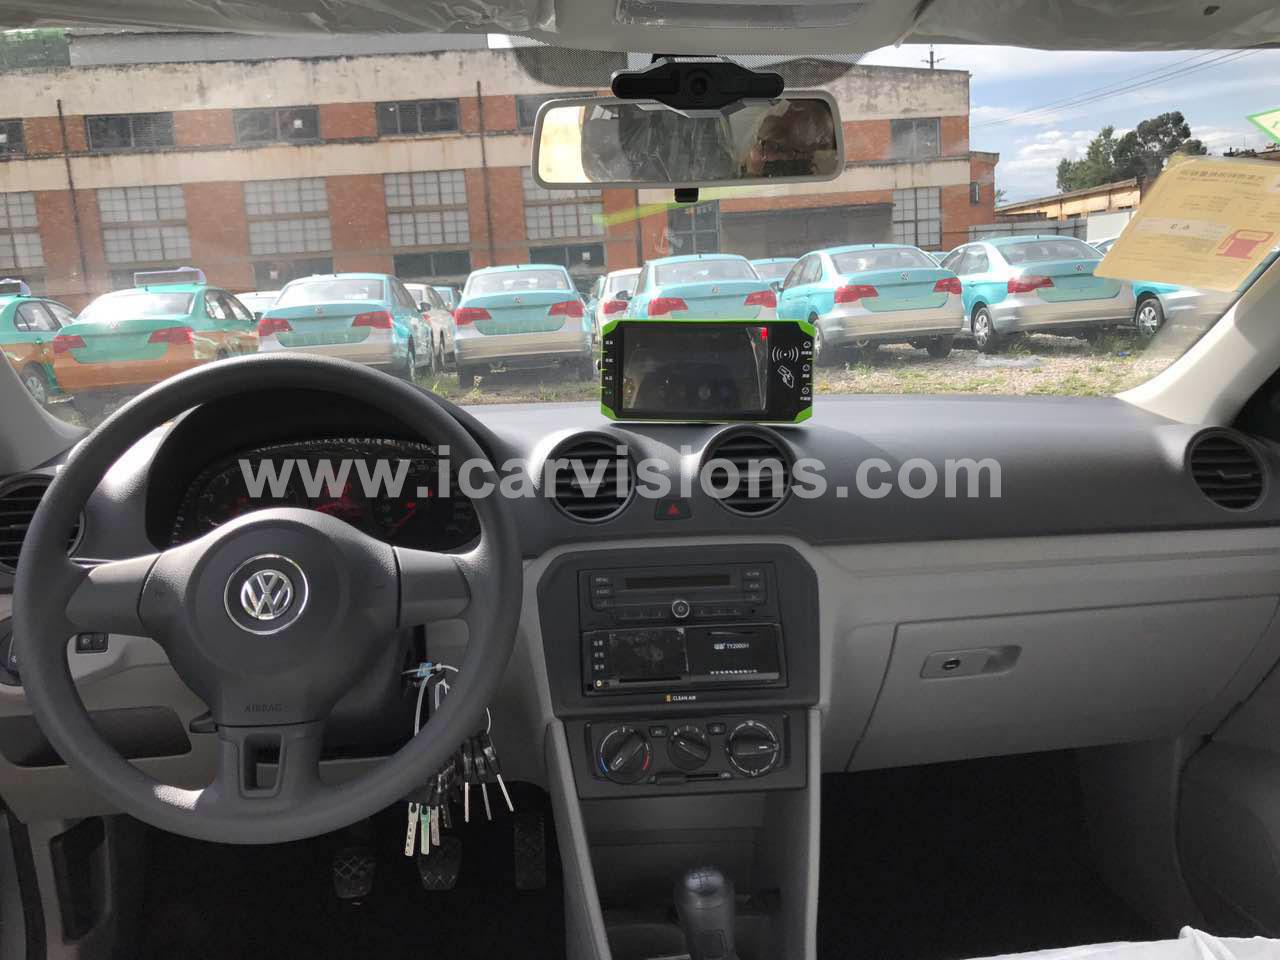 出租车智能调度终端 支持4G 北斗 GPS导航 第6张